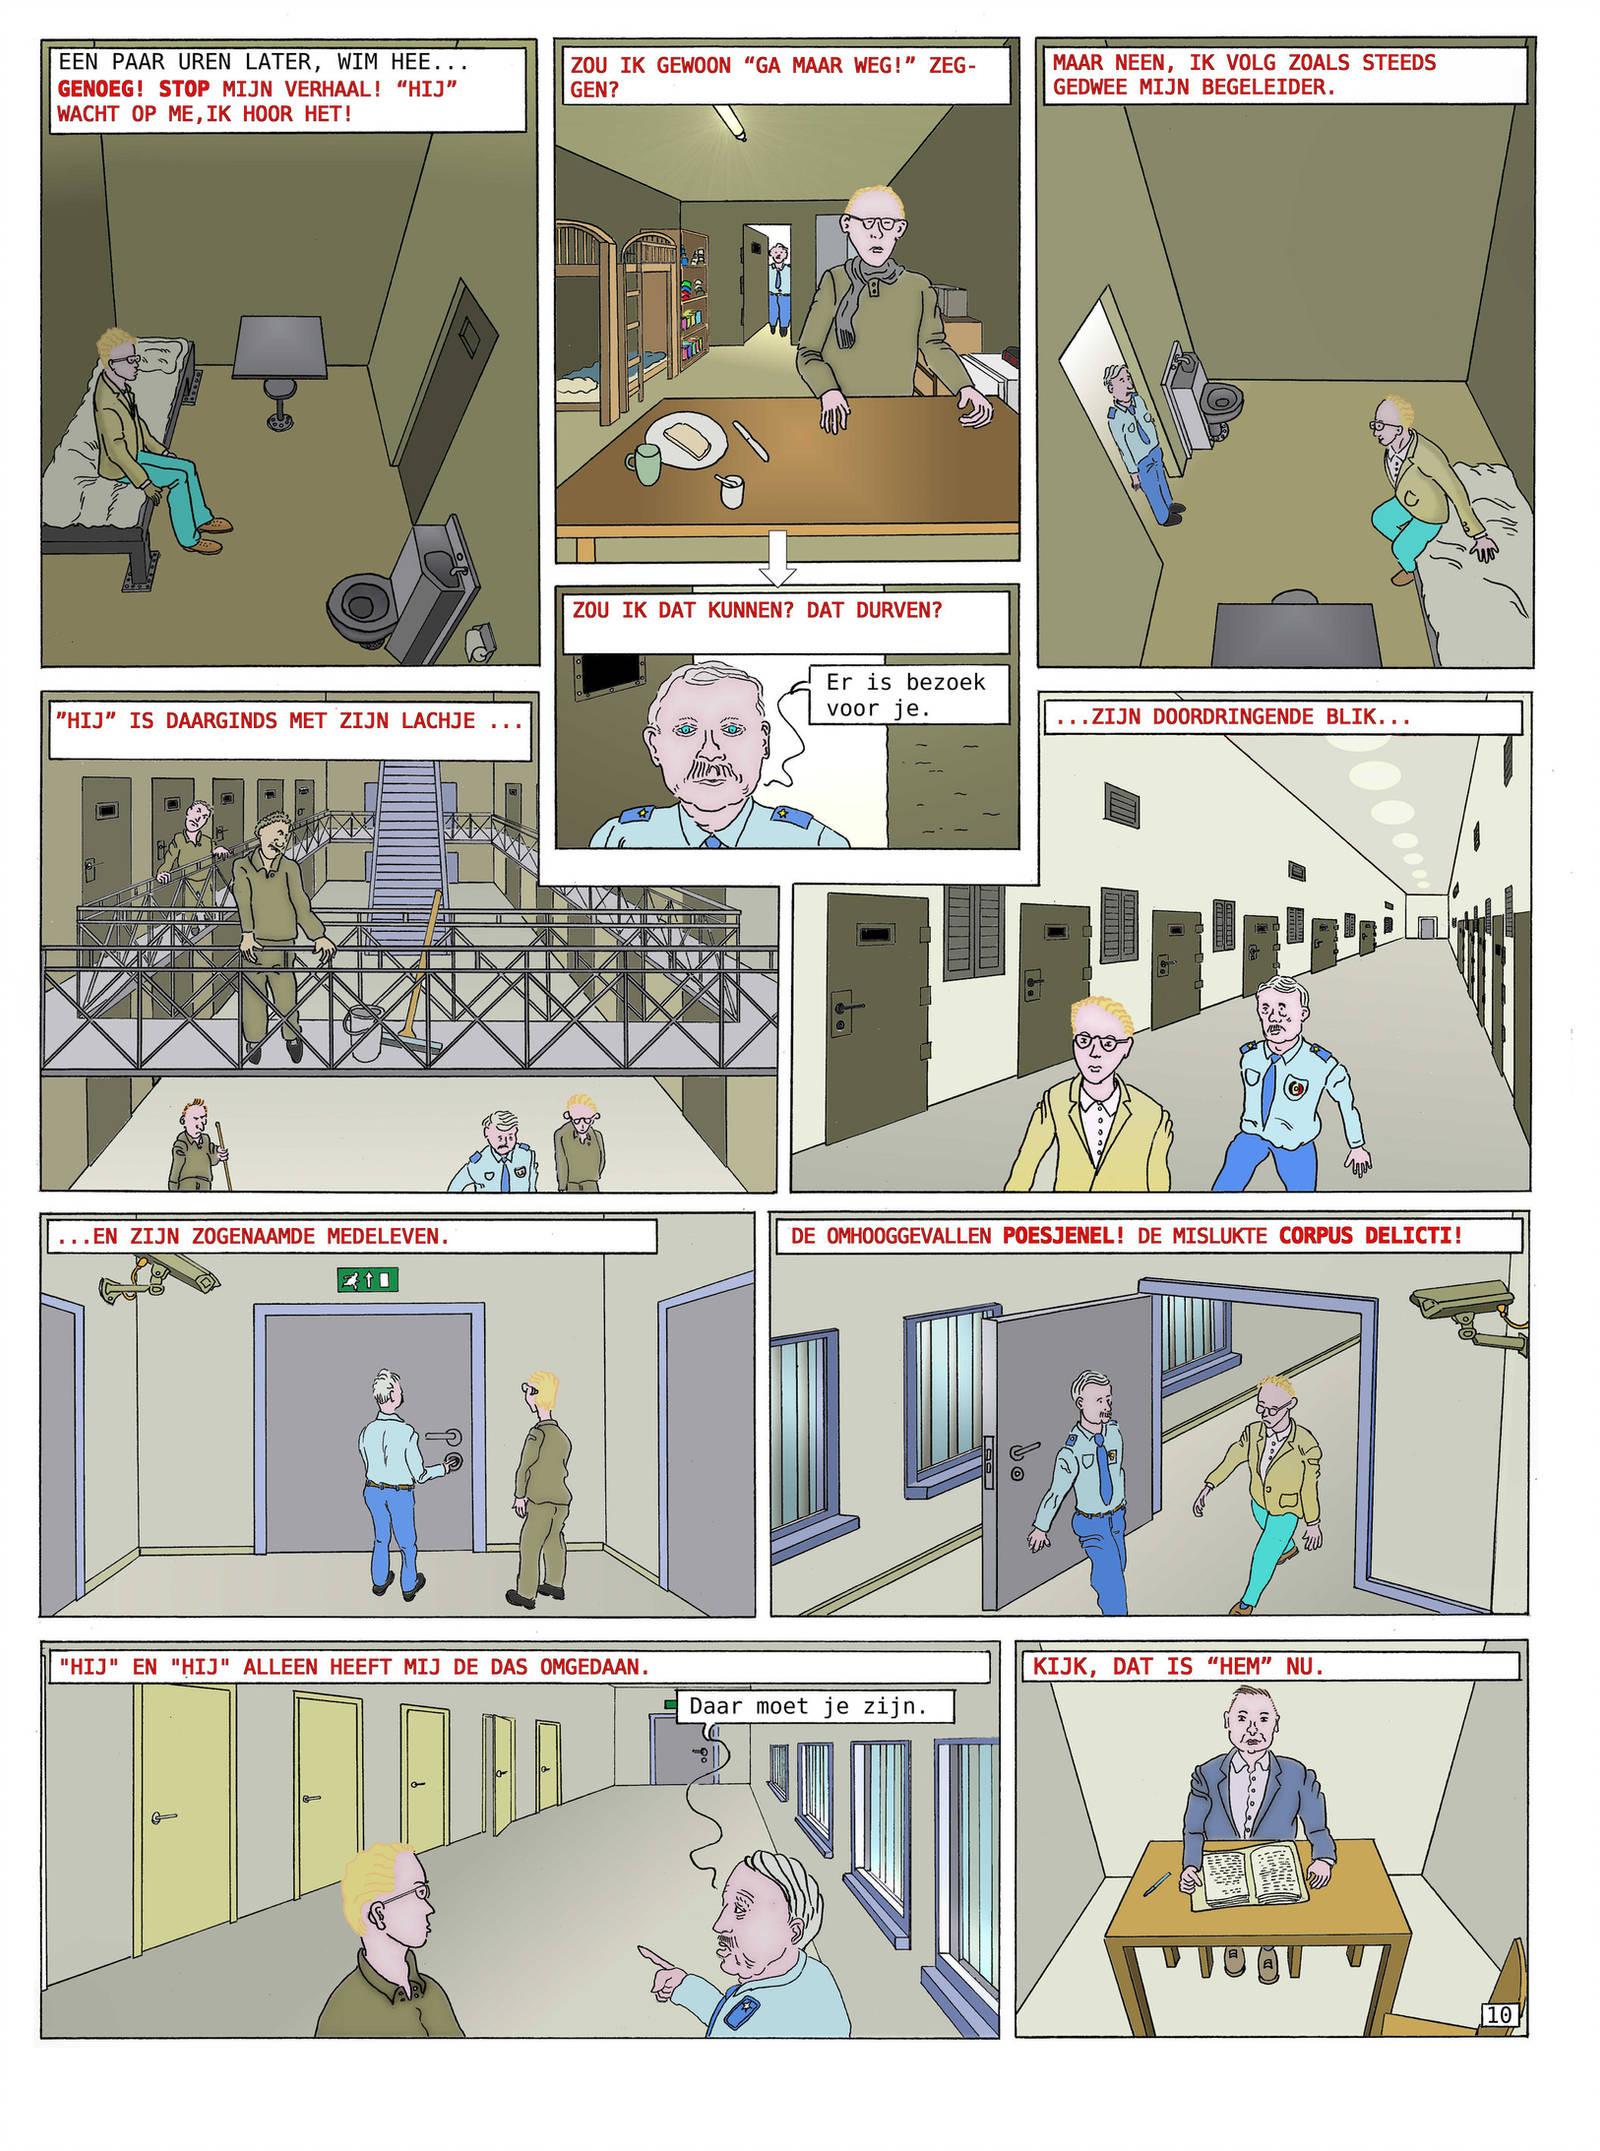 niets_staat_in_de_weg__pagina_10_van_70_